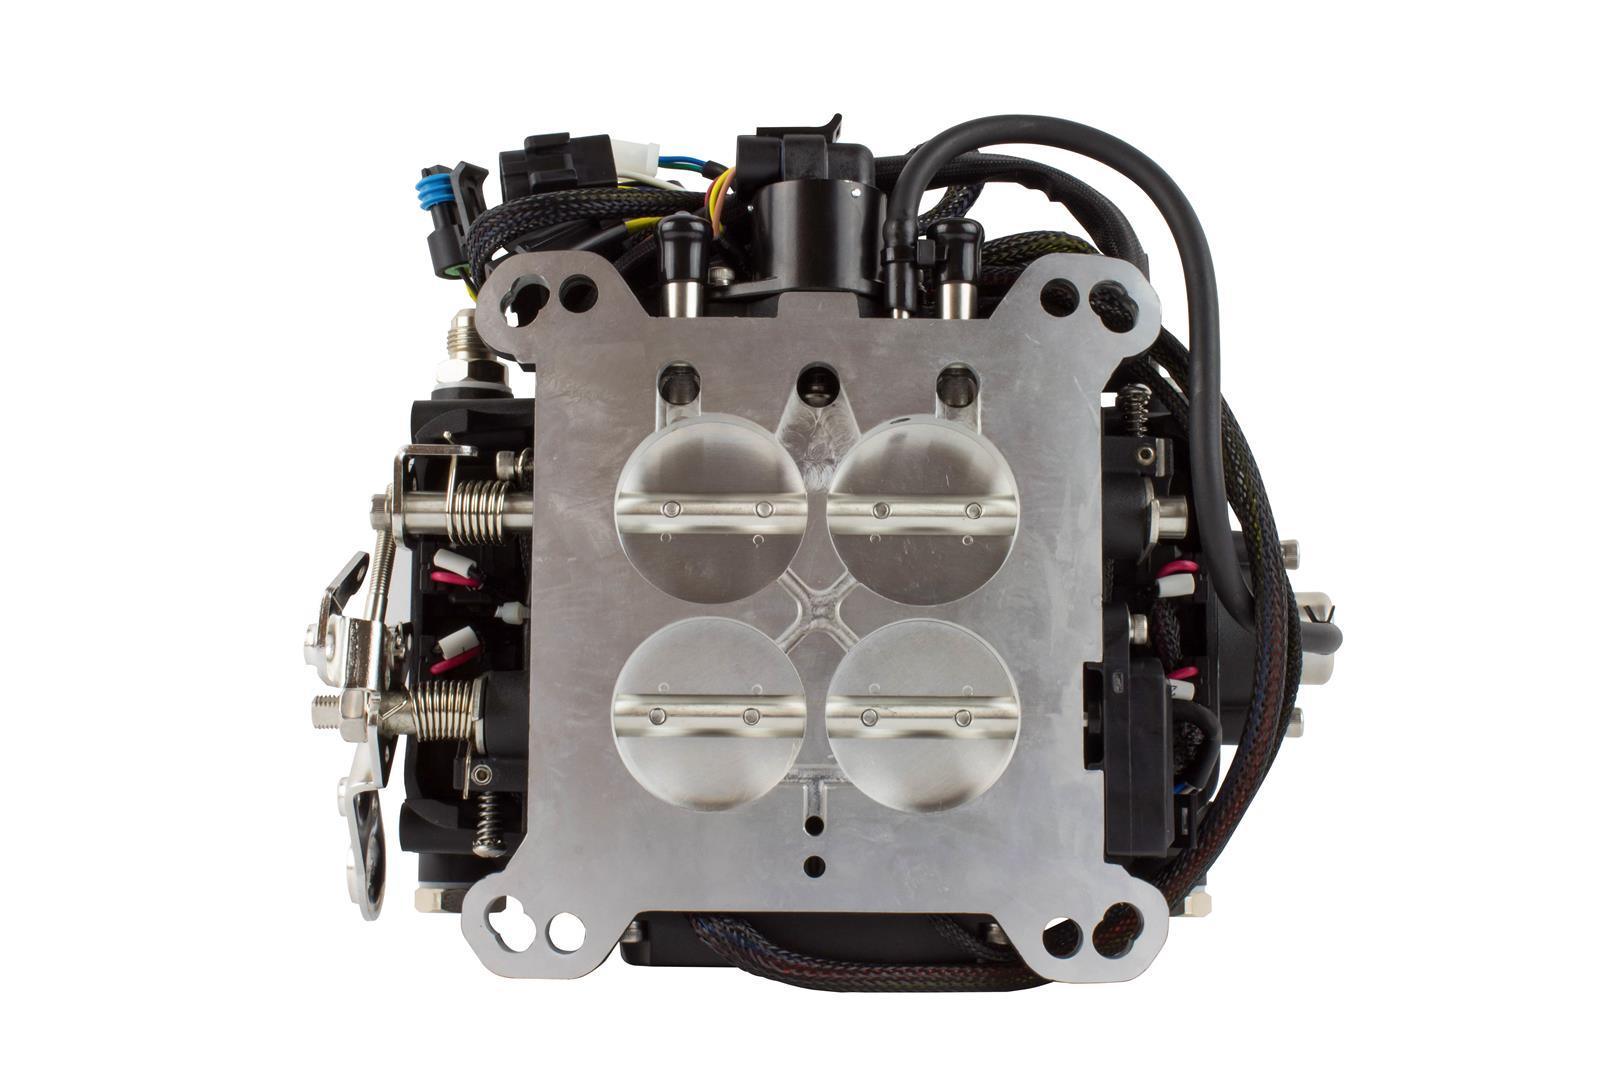 fitech fuel injection 30002 go efi 600 hp basic kit matte black finish ebay. Black Bedroom Furniture Sets. Home Design Ideas